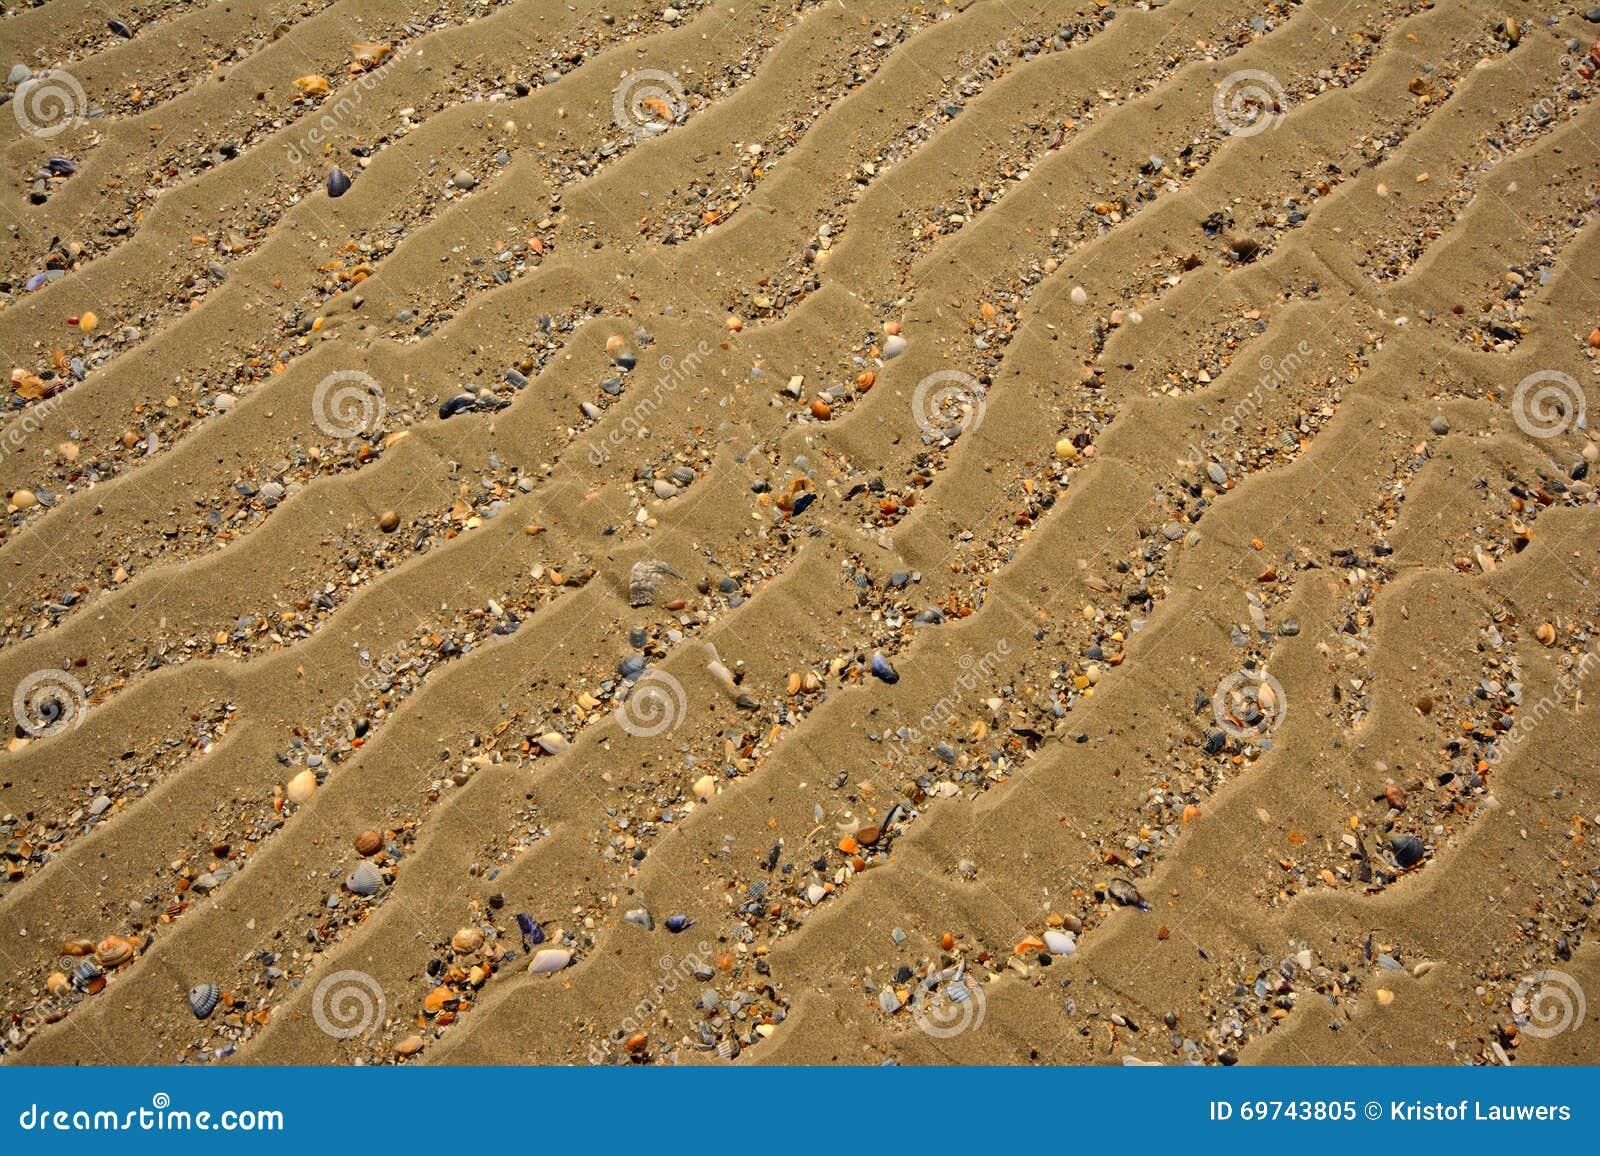 Fundo da areia ondulada com shell quebrados, ângulo diagonal